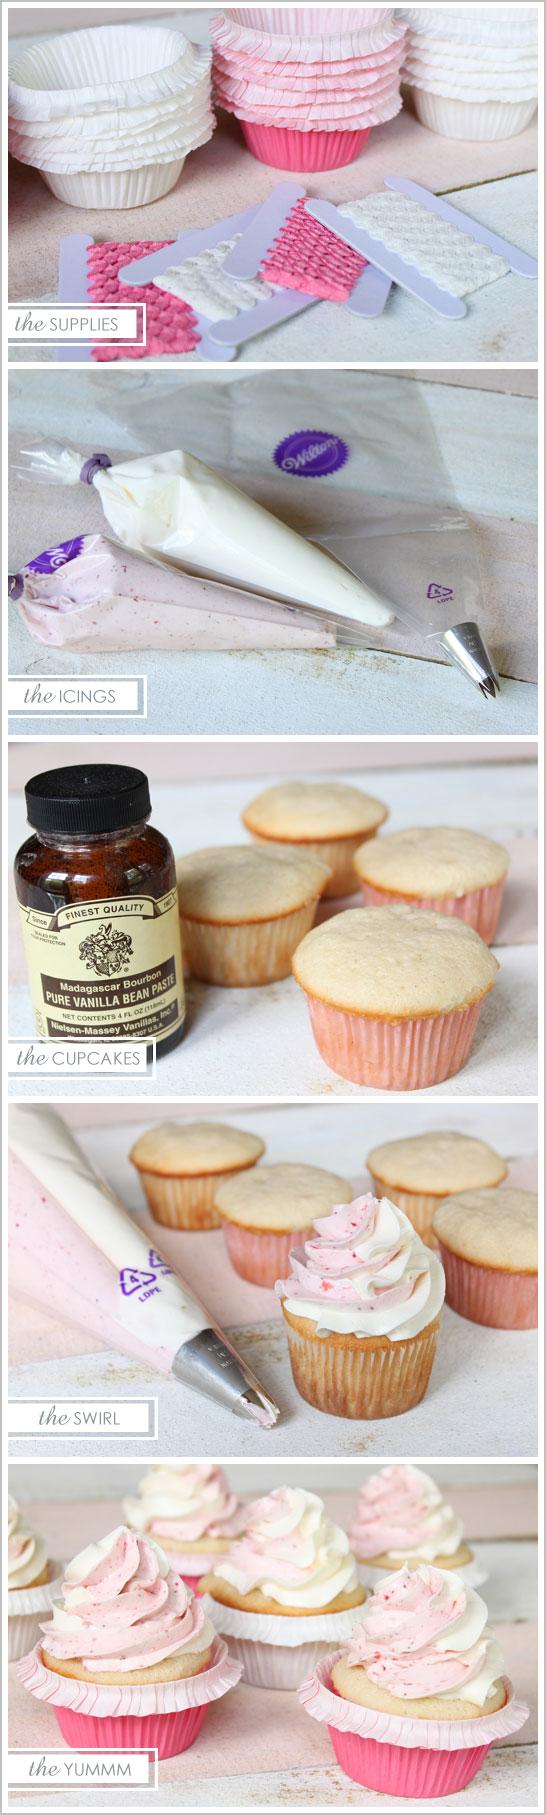 Strawberry & Vanilla Cream Swirl Cupcakes